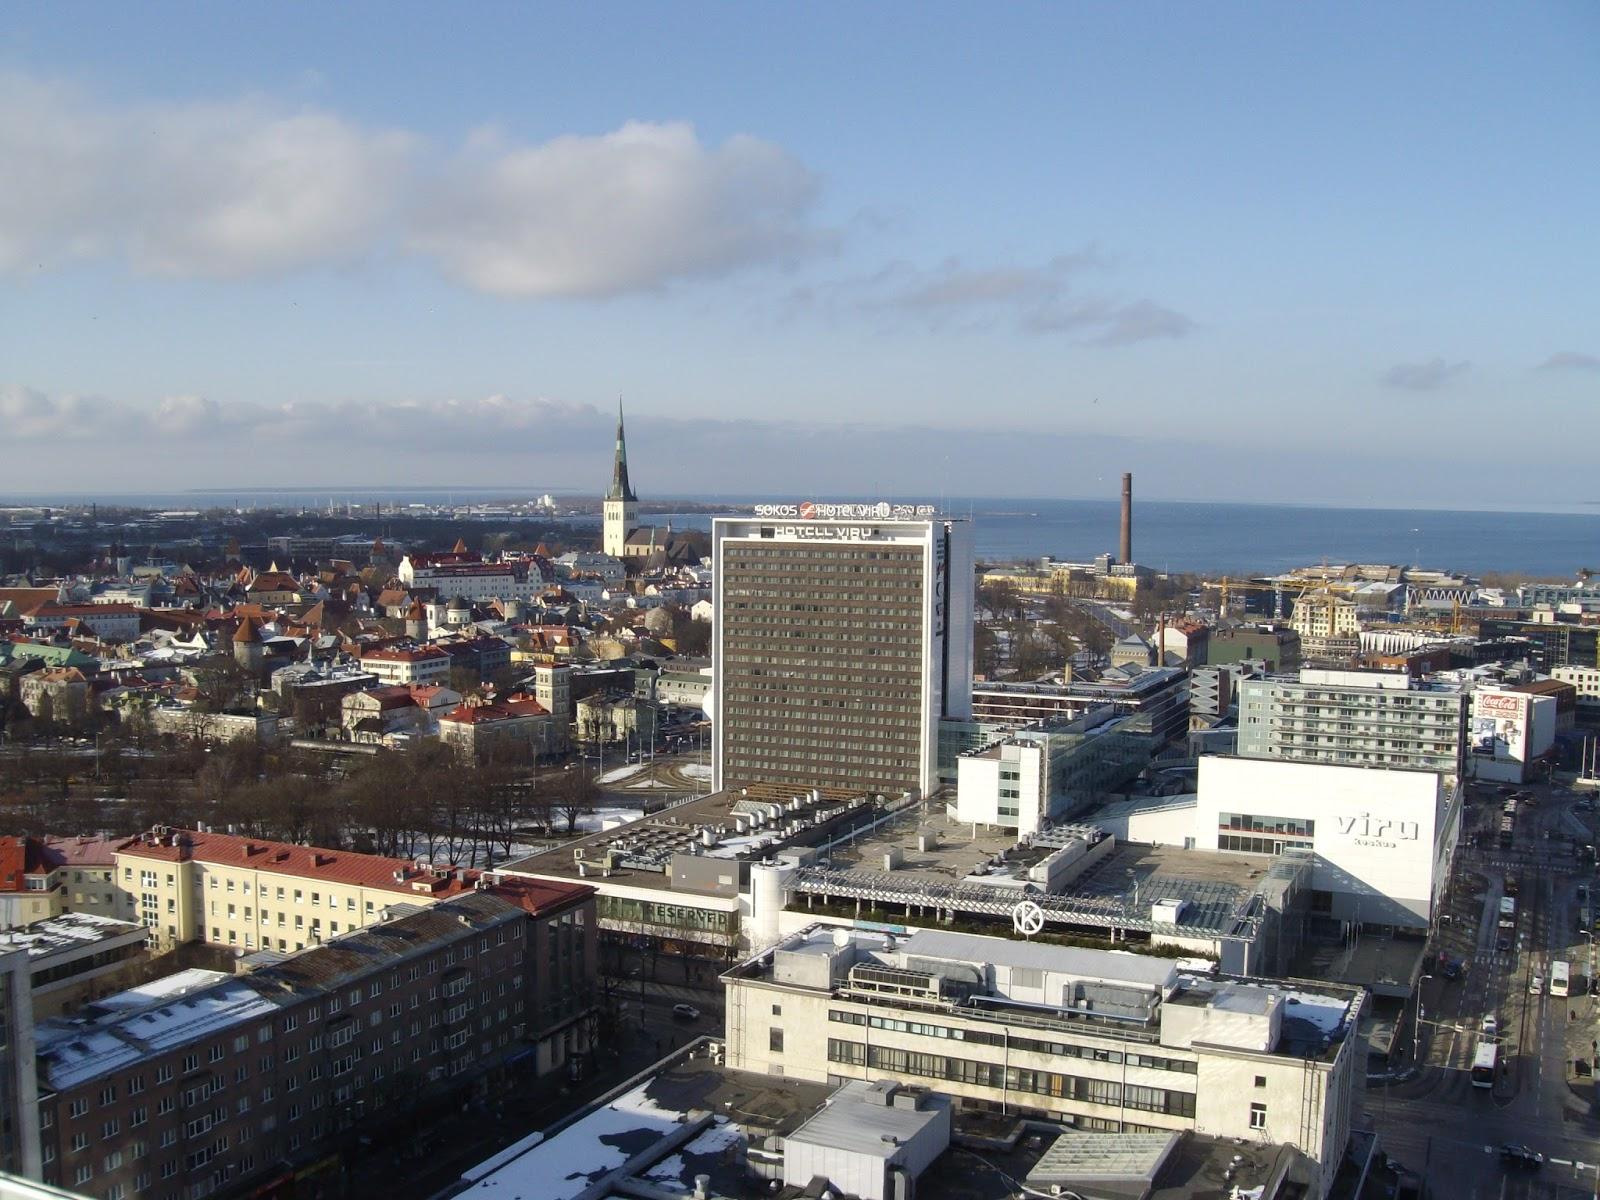 345cf69371c Tänaseks on Eesti uus valitsus juba mõned päevad usinalt töötanud.  Kindlasti kulub peaministril ja alustavatel ministritel aega, et ennast oma  valdkonnaga ...